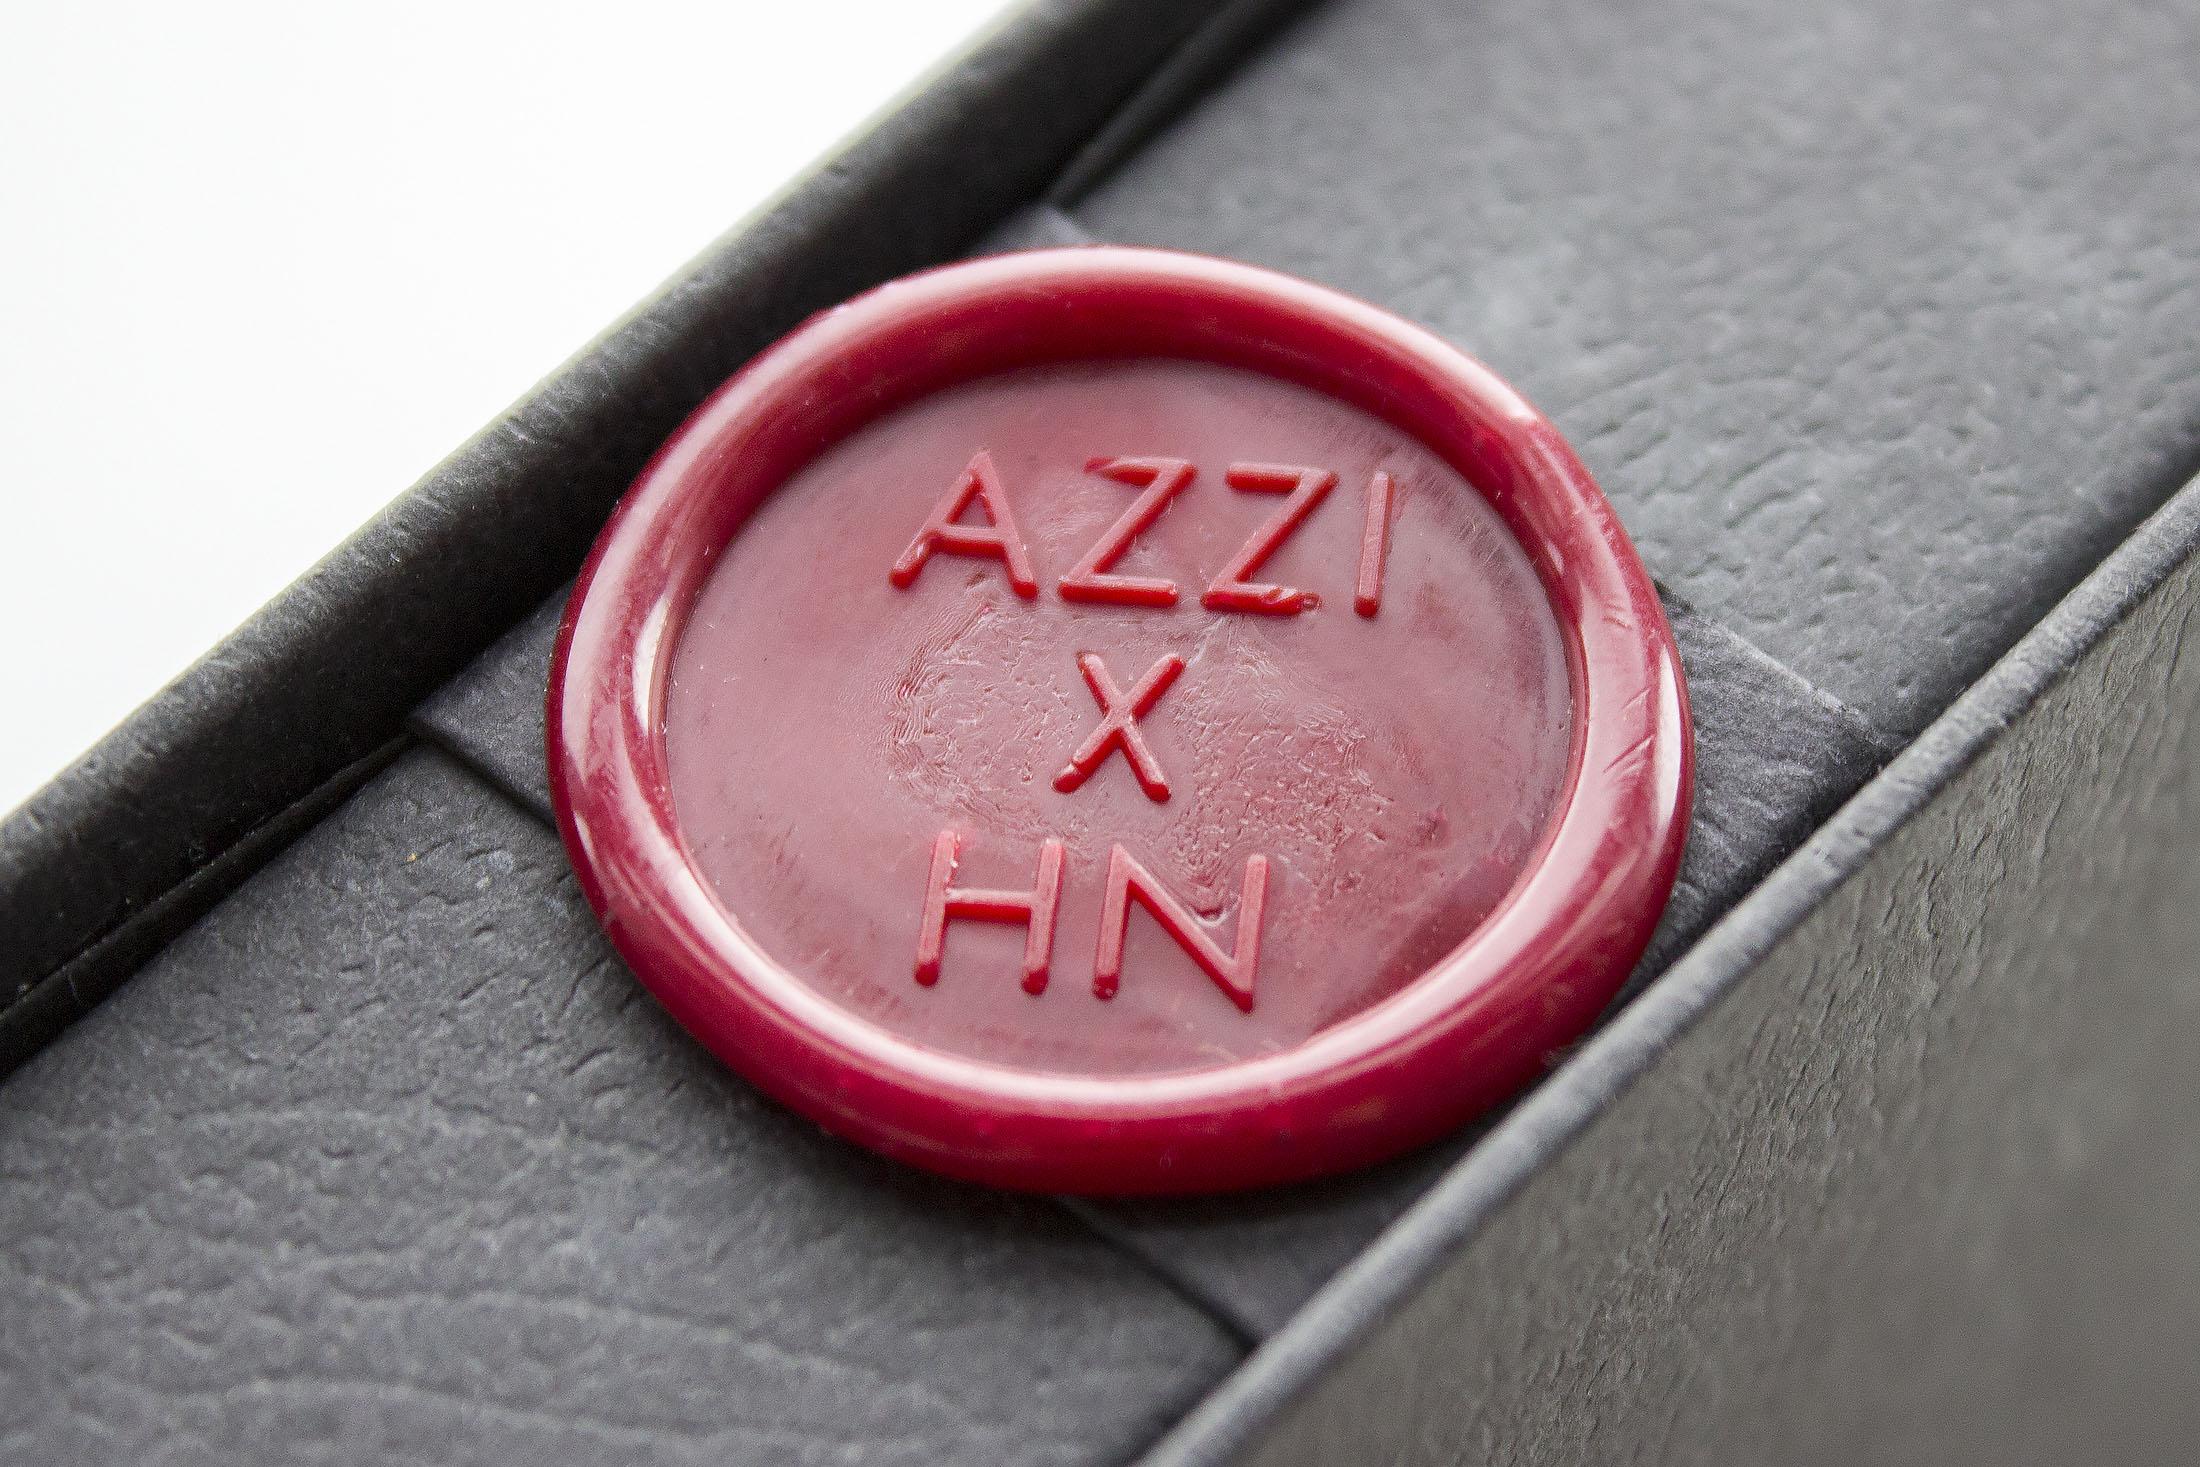 Azzi1